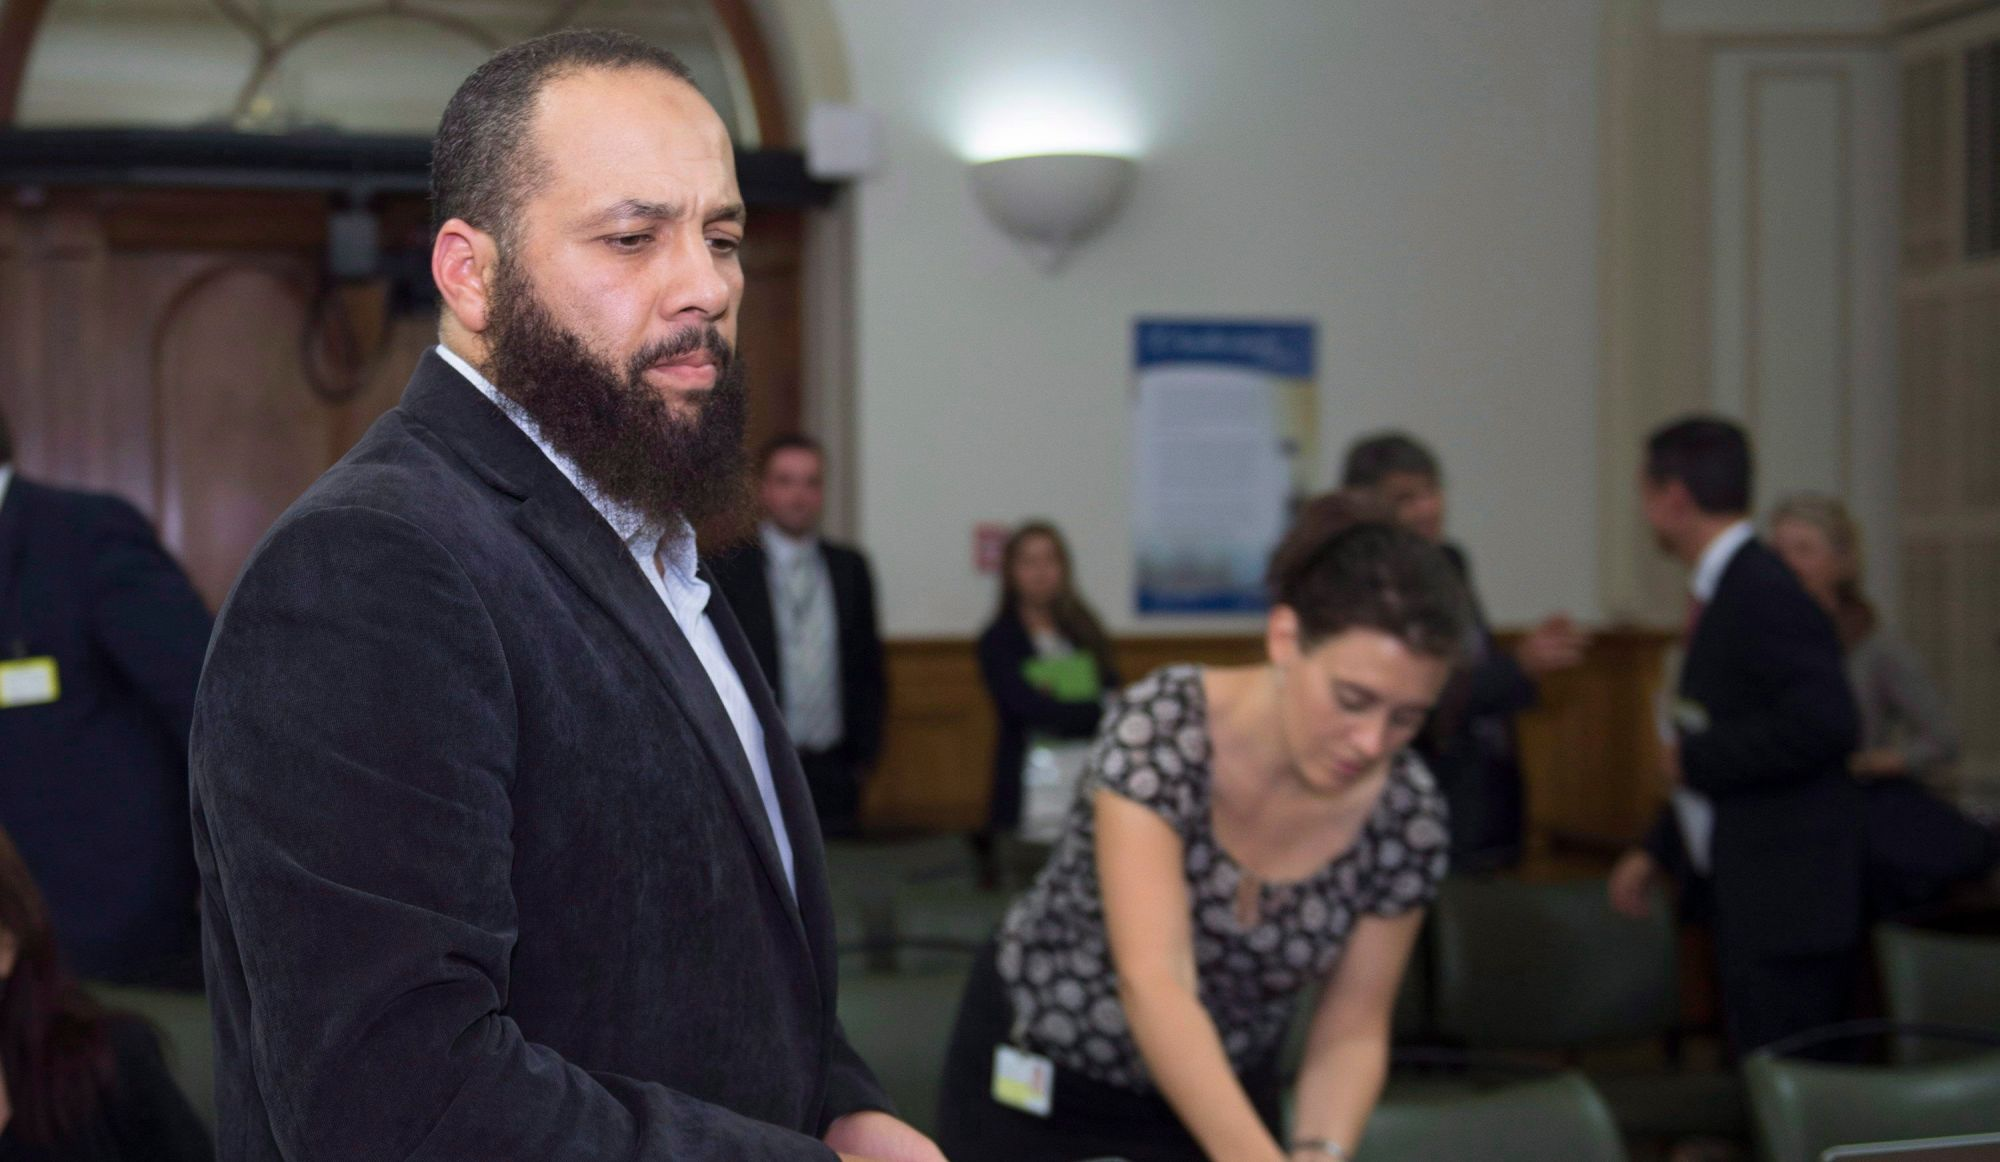 L'imam Adil Charkaoui acquitté